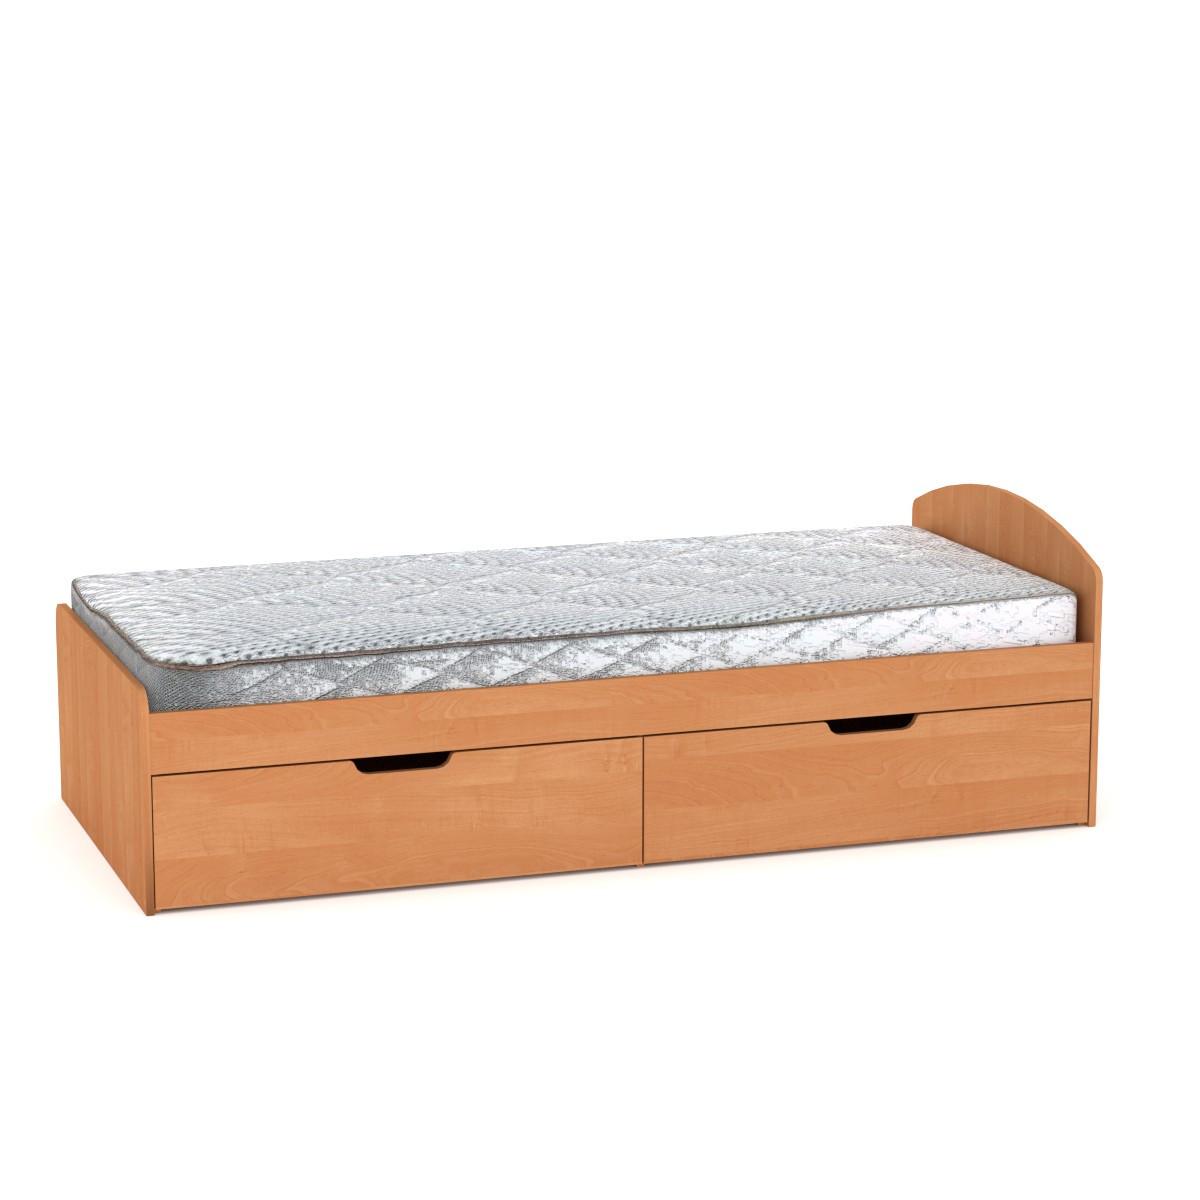 Кровать с матрасом 90+2 ольха Компанит (94х204х95 см)